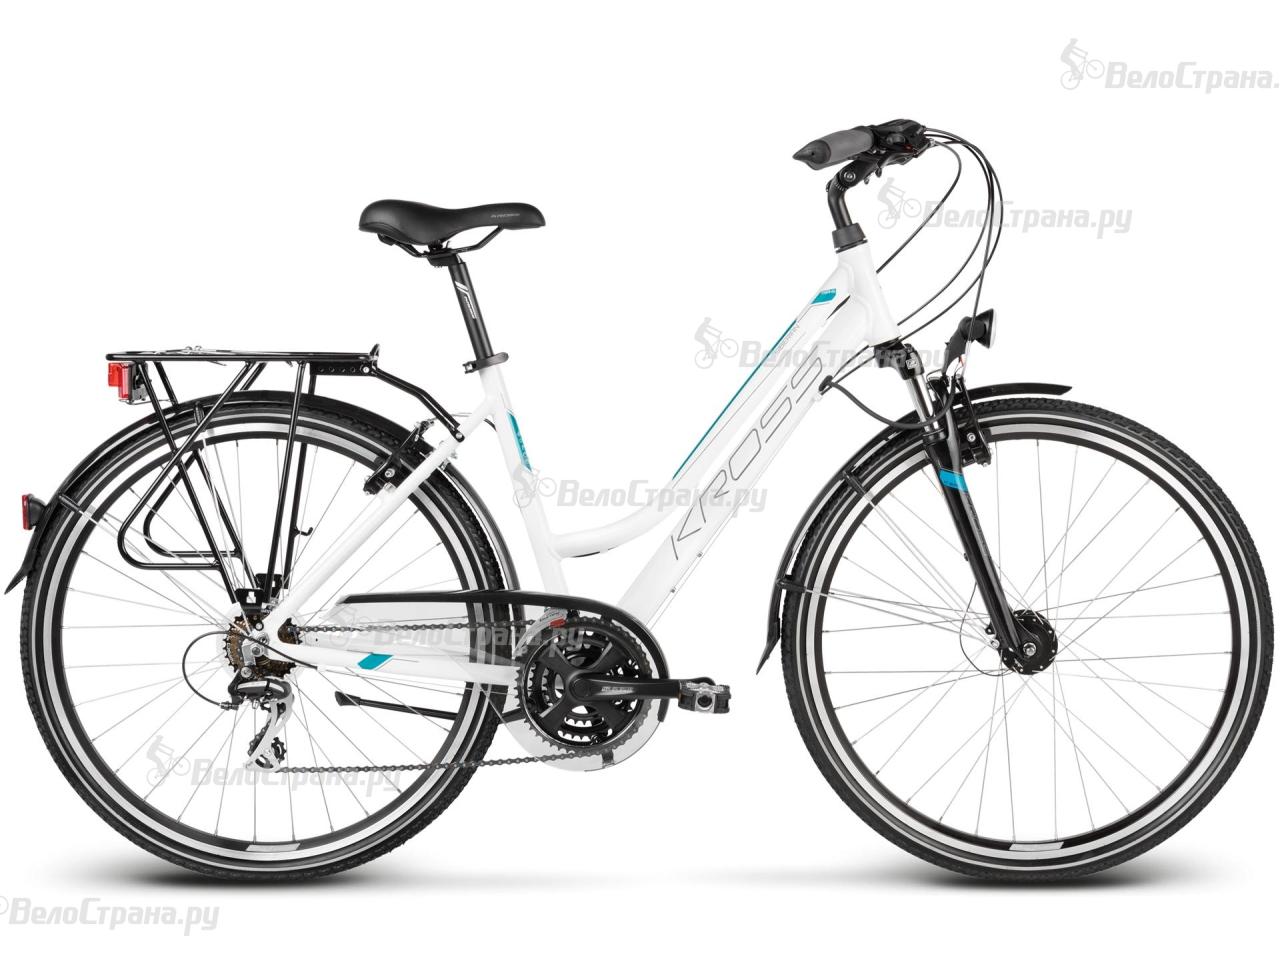 Велосипед Kross Trans Siberian Lady (2017)